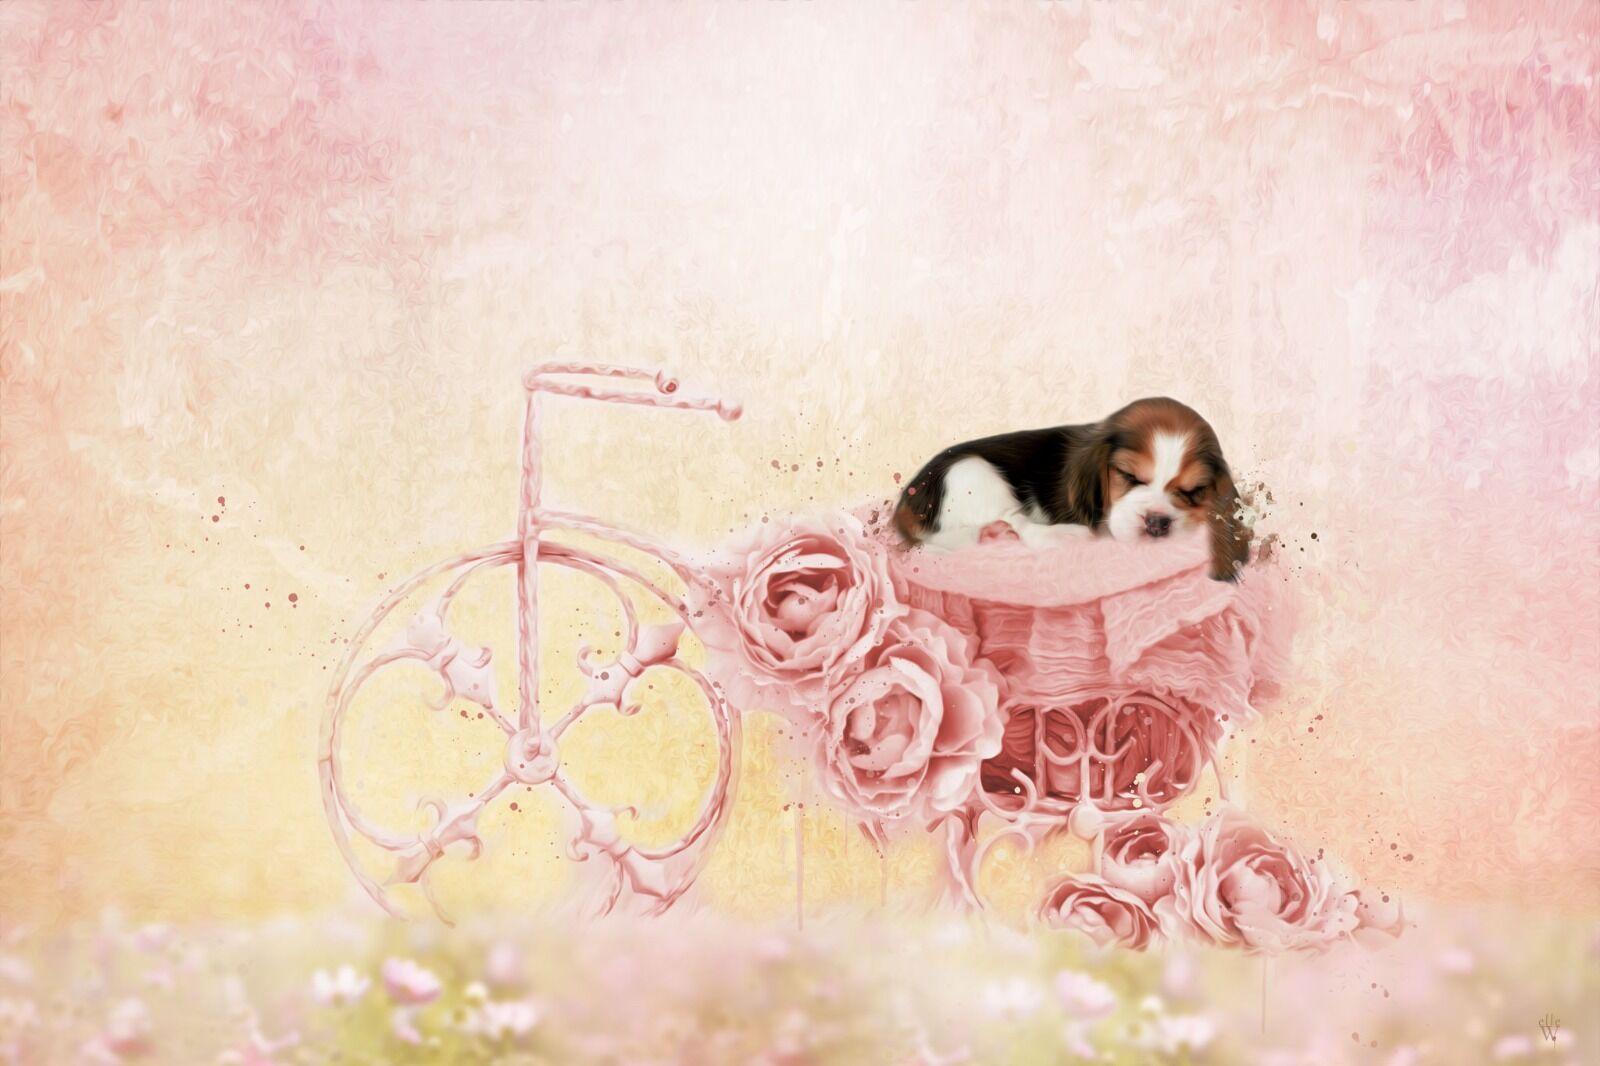 Sleeping Puppy- Mixed Art Effect